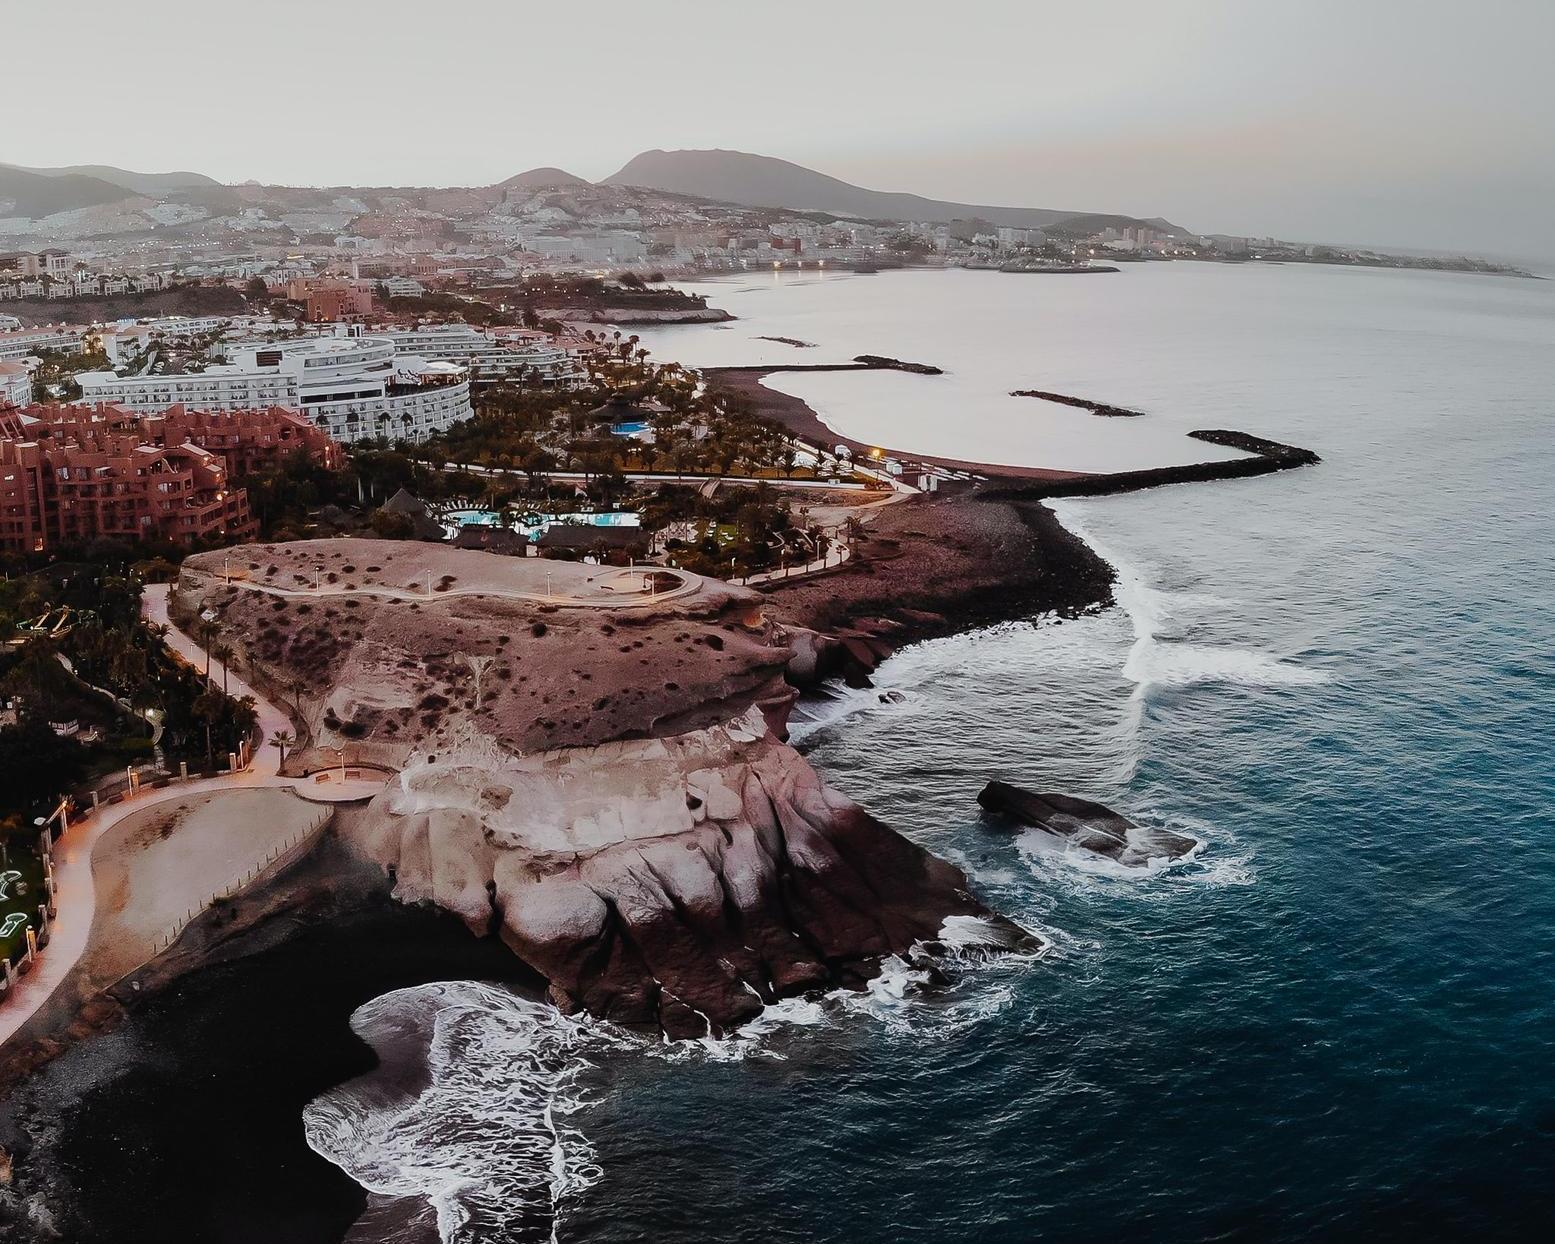 Una semana de descanso en Tenerife desde Santiago